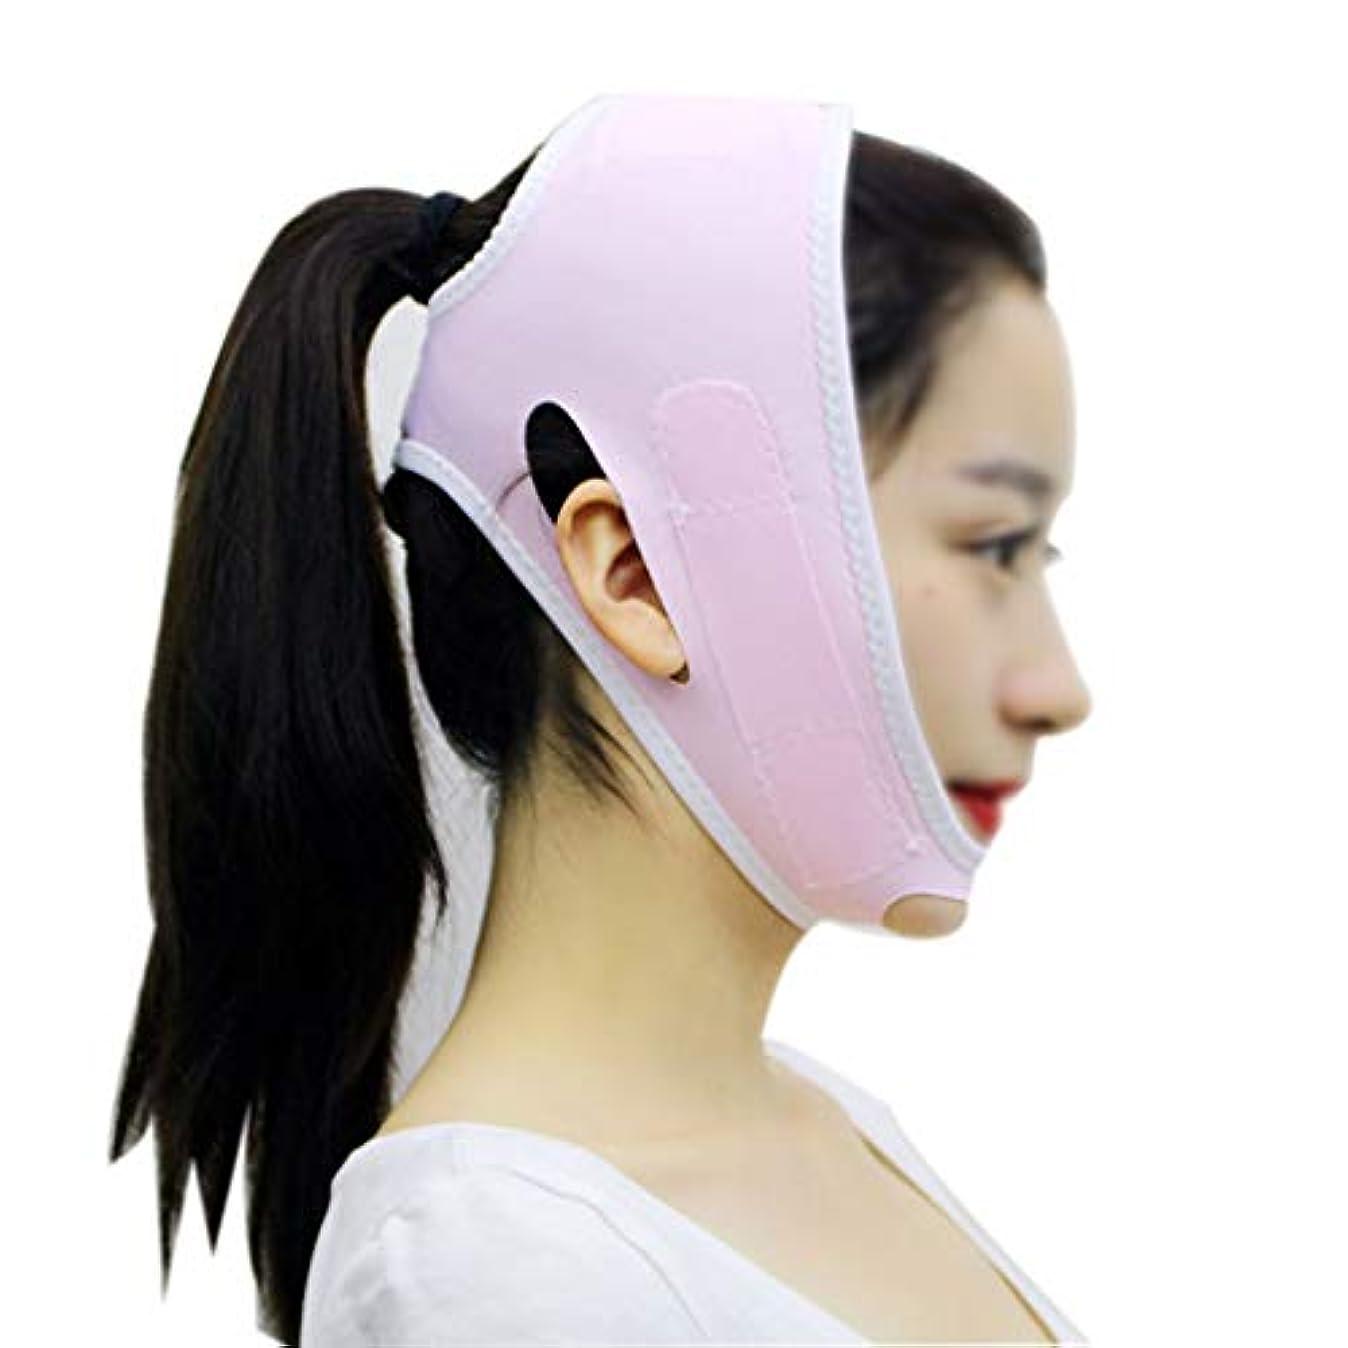 バケット演じる甘味TLMY 引き締め肌の薄い二重あごマスクを強化するためのフェイスリフティング包帯回復マスク 顔用整形マスク (Color : Pink)